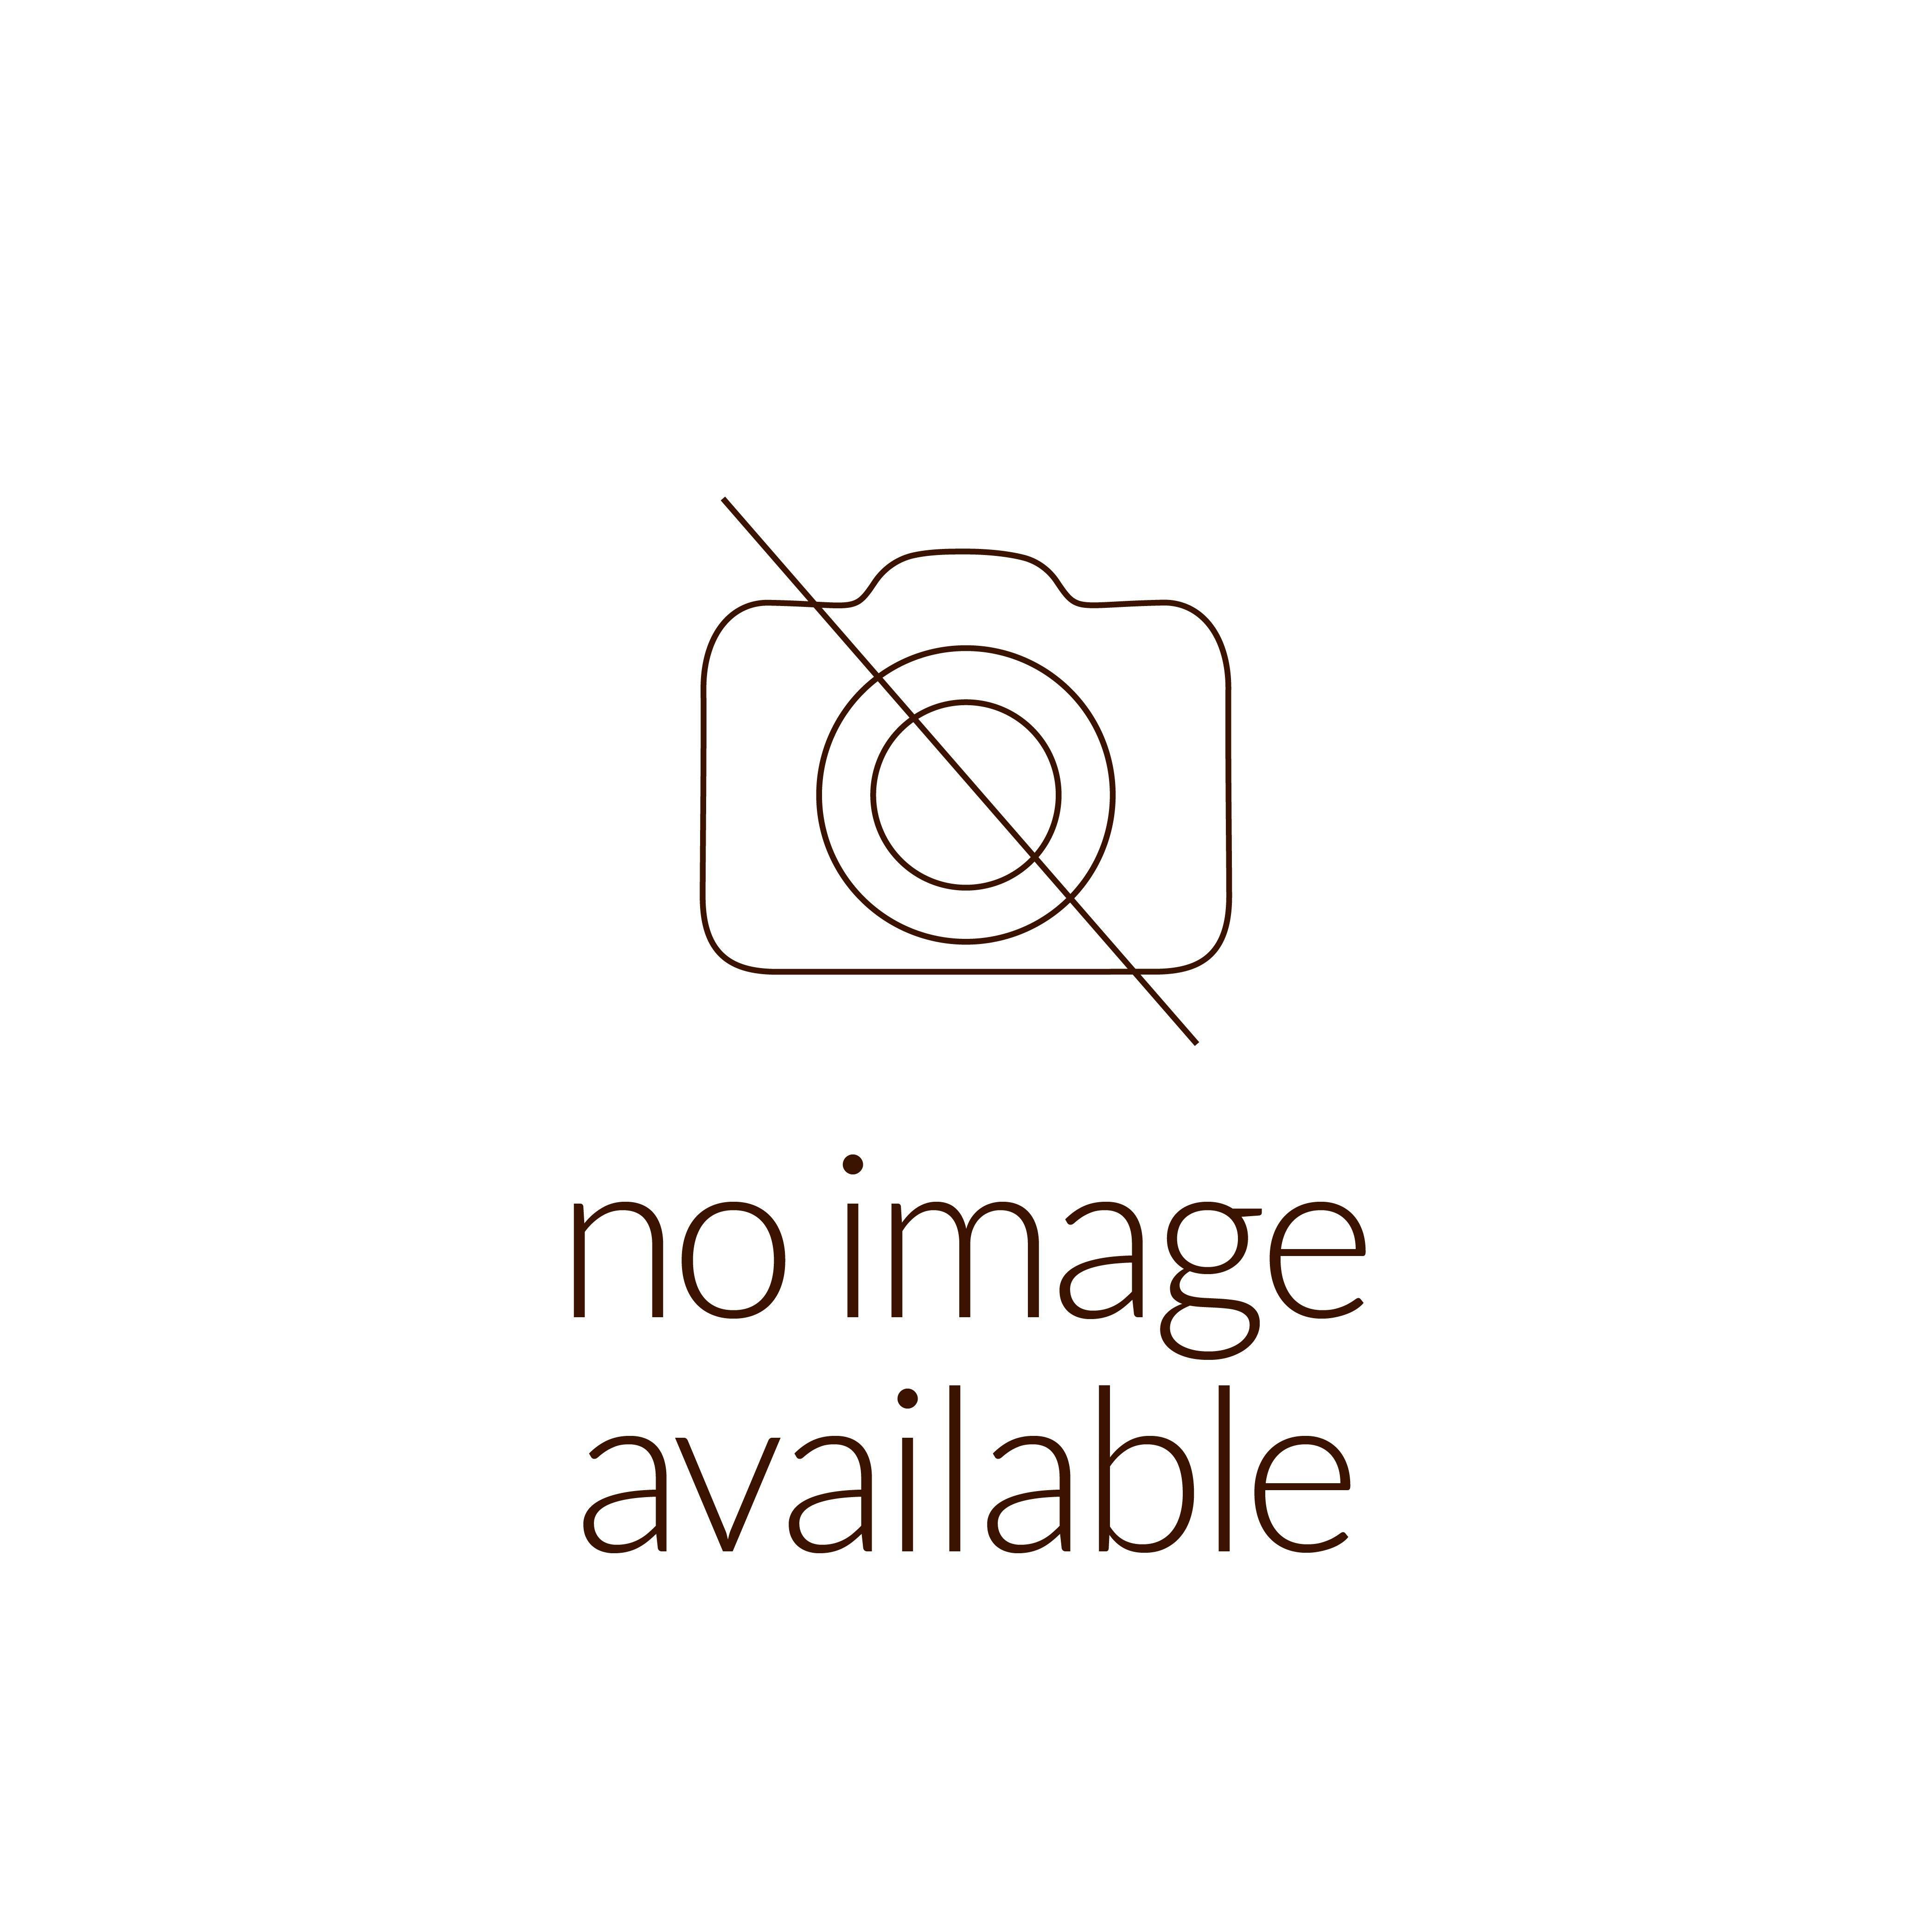 """מדליה ממלכתית, בית שמש - ערים בישראל, ארד טומבק, 39 מ""""מ, 17 גרם - צד הנושא"""